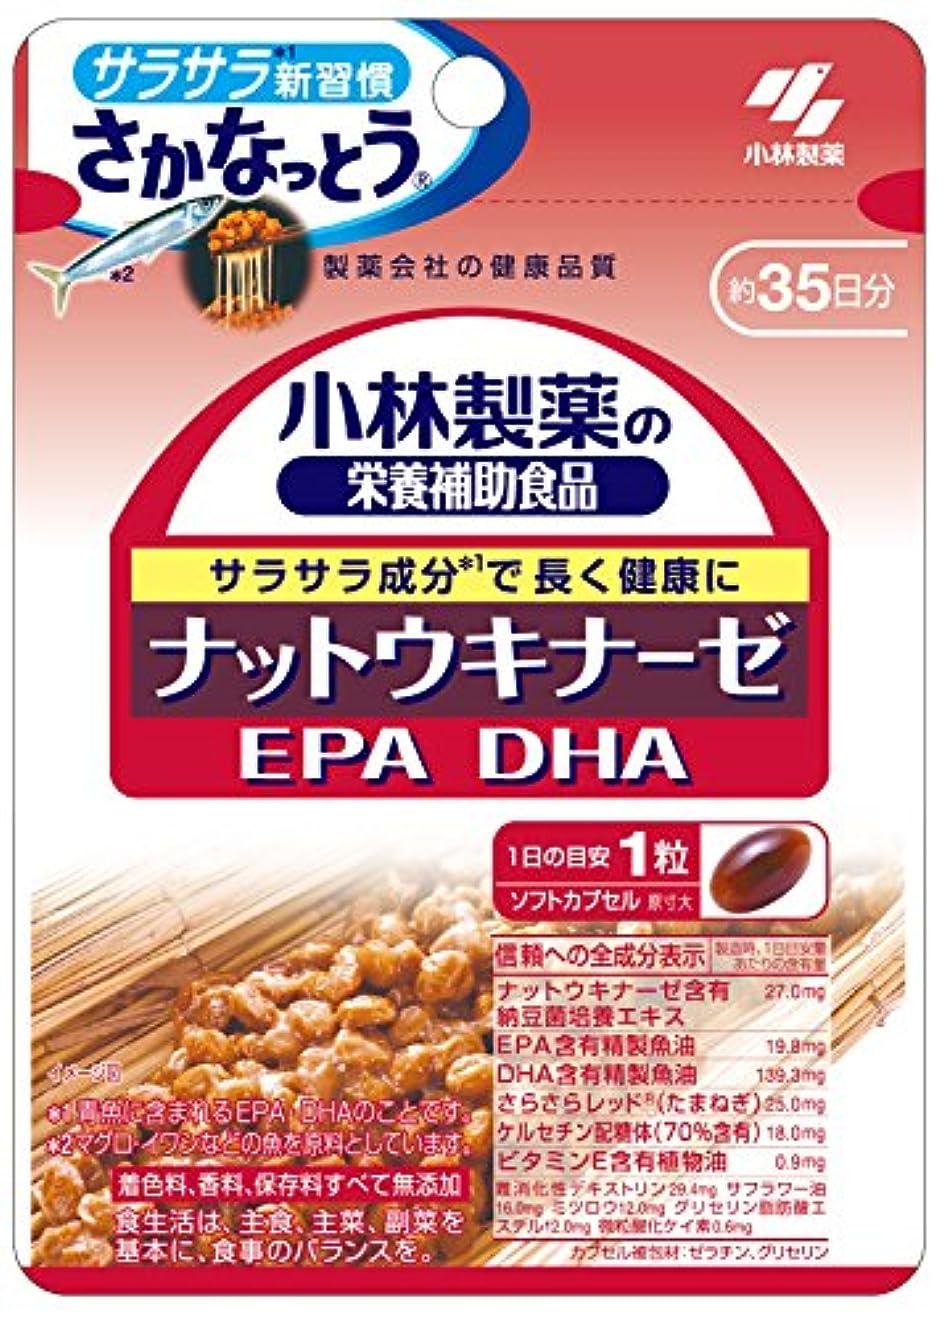 内陸ゴネリルに頼る【Amazon.co.jp限定】 小林製薬の栄養補助食品 ナットウキナーゼ EPA DHA 約35日分 35粒